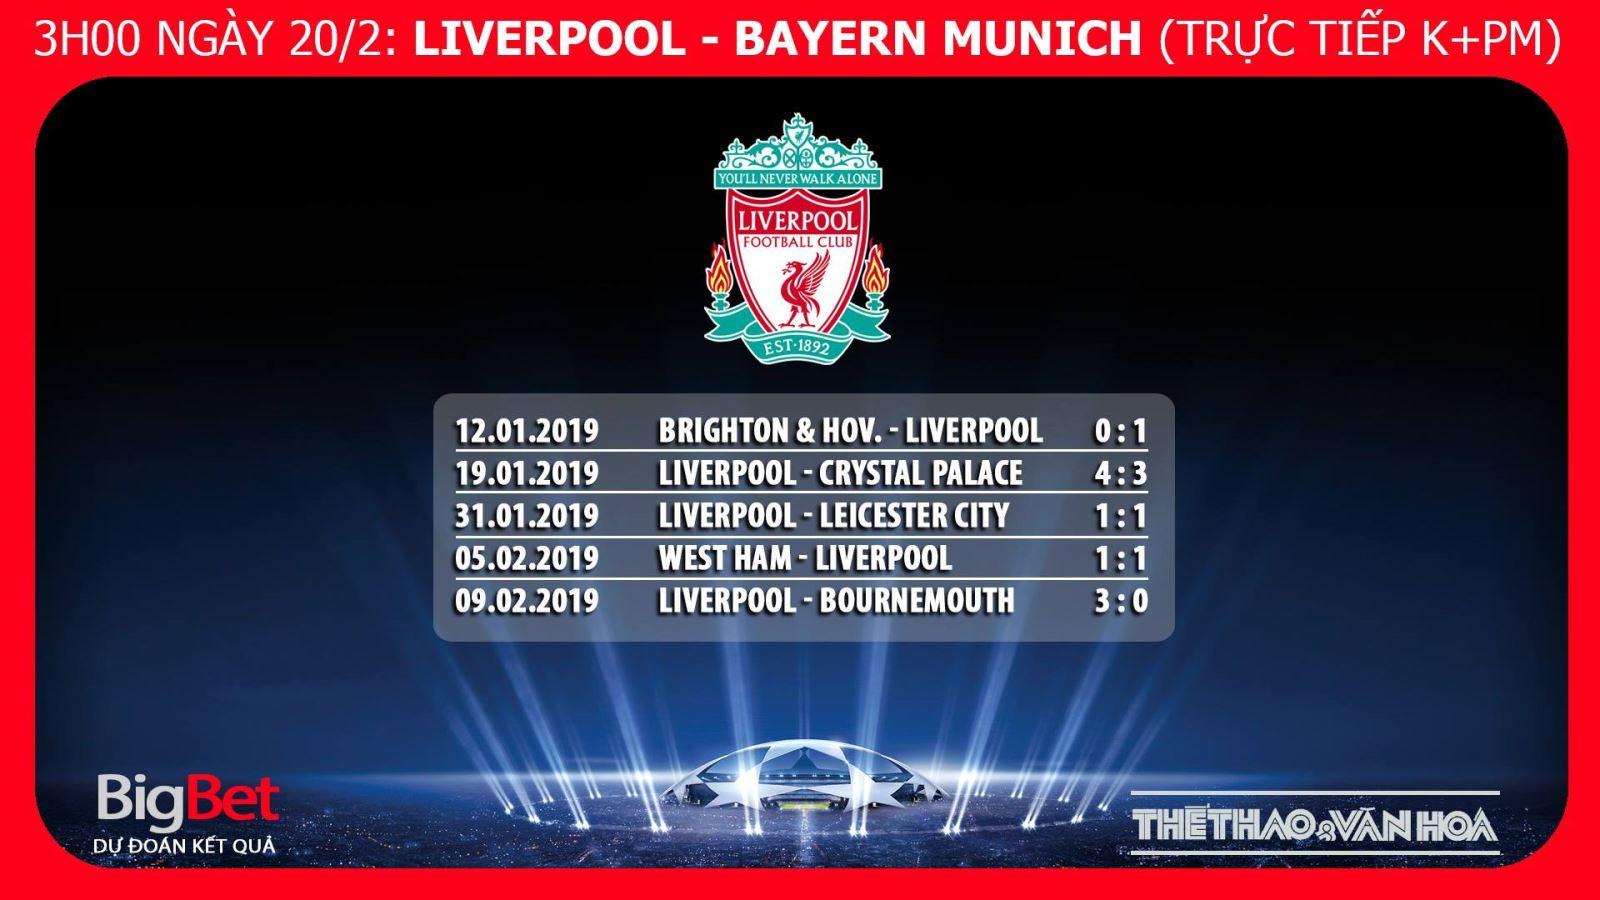 Kèo bóng đá, Soi kèo Liverpool vs Bayern, kèo Liverpool vs Bayern, kèo Bayern Liverpool, kèo Liverpool, trực tiếp bóng đá, trực tiếp Liverpool vs Bayern, truc tiep Liver